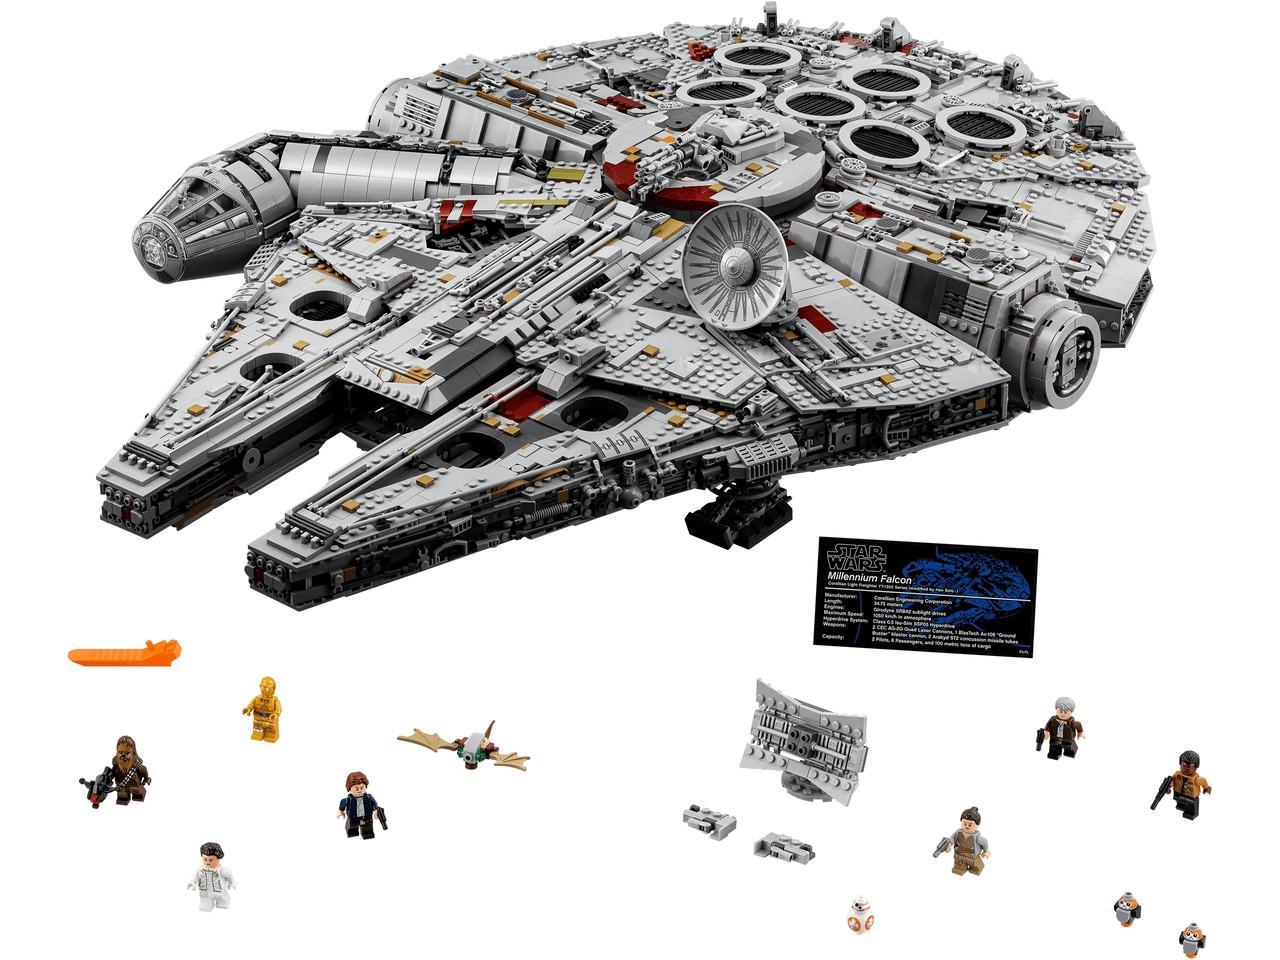 Конструктор LEGO Сокол тысячелетия 7541 деталей (75192)